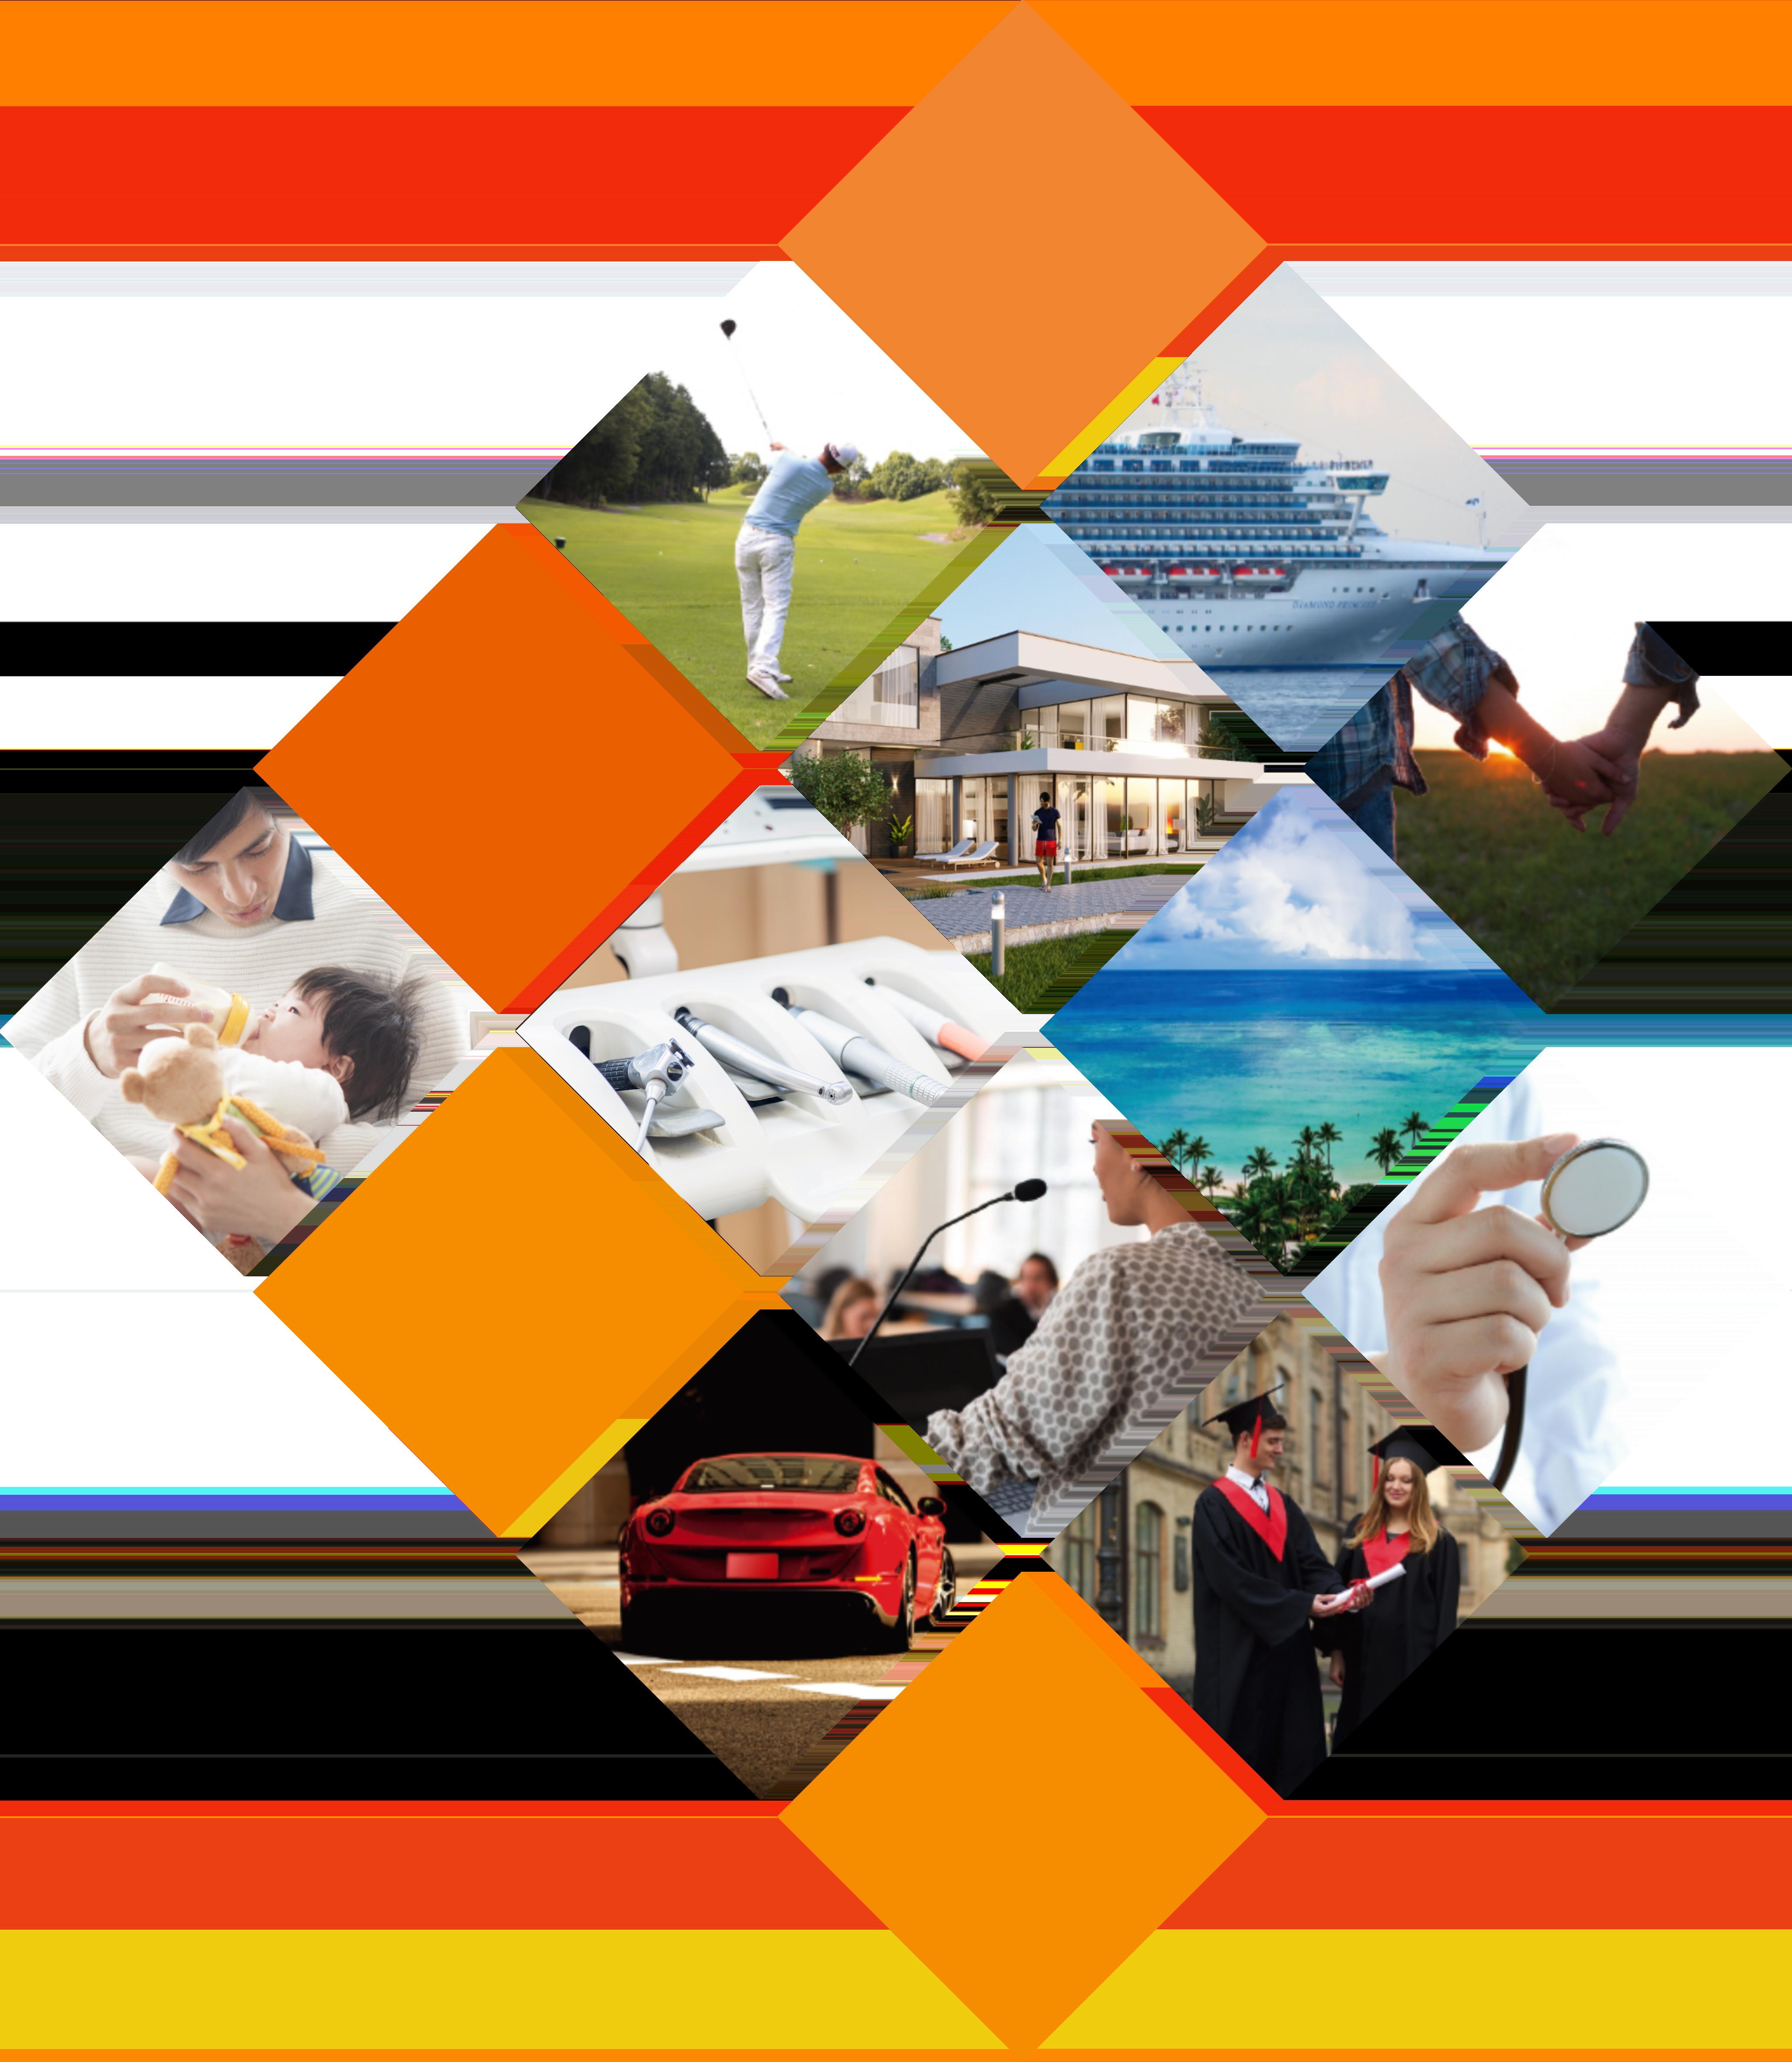 株式会社 HaL | プライベートバンカー 資産運用・保全/保険/投資/節税/事業継承・相続イメージ